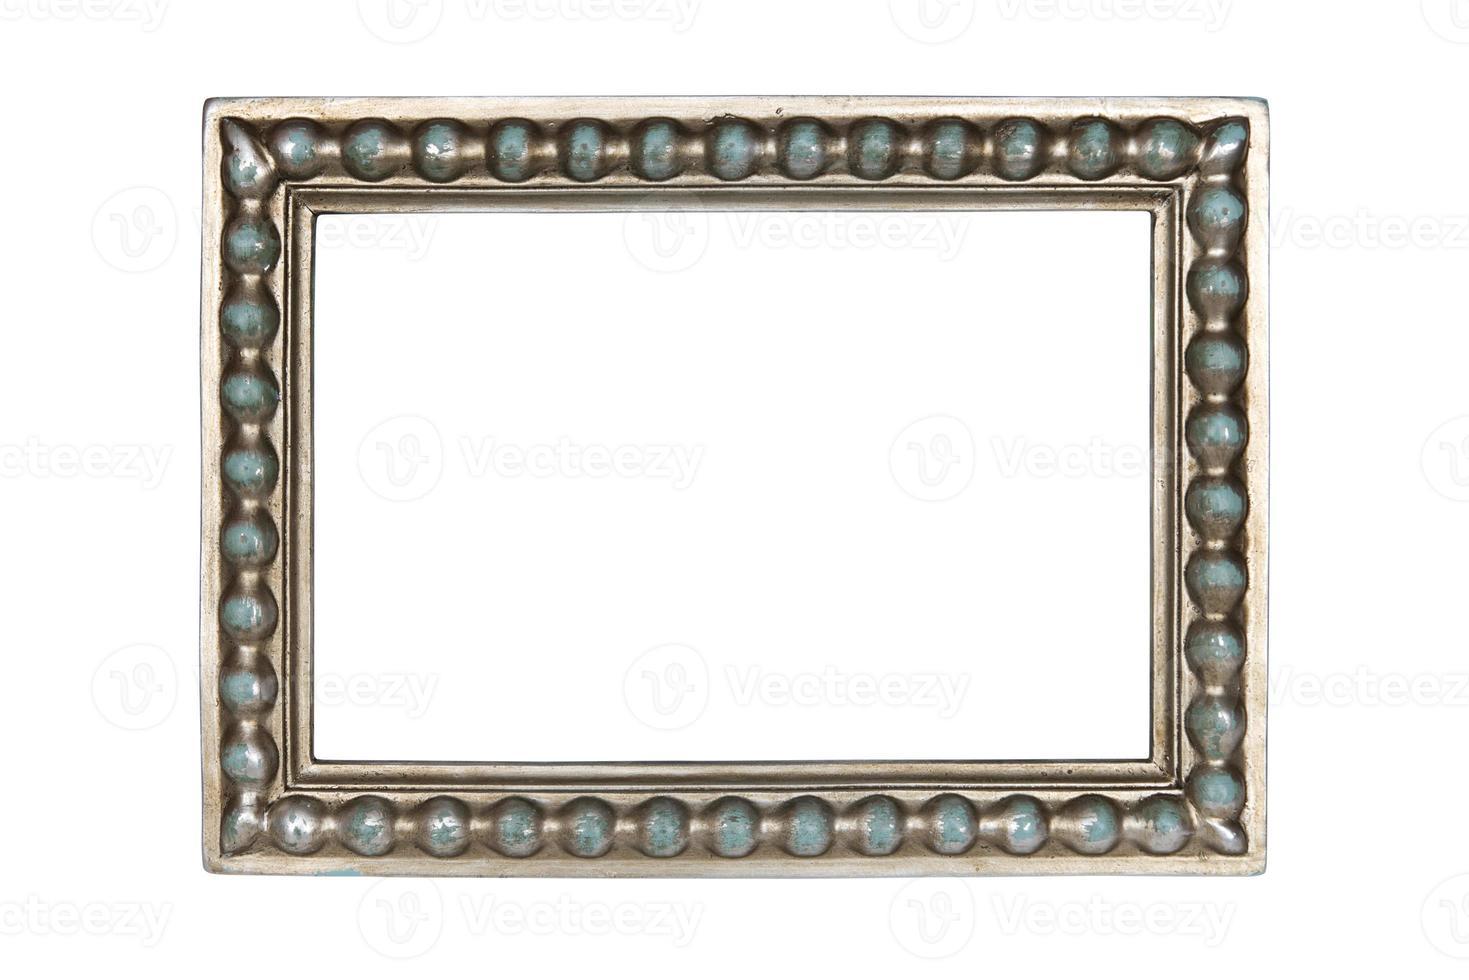 moldura de prata foto